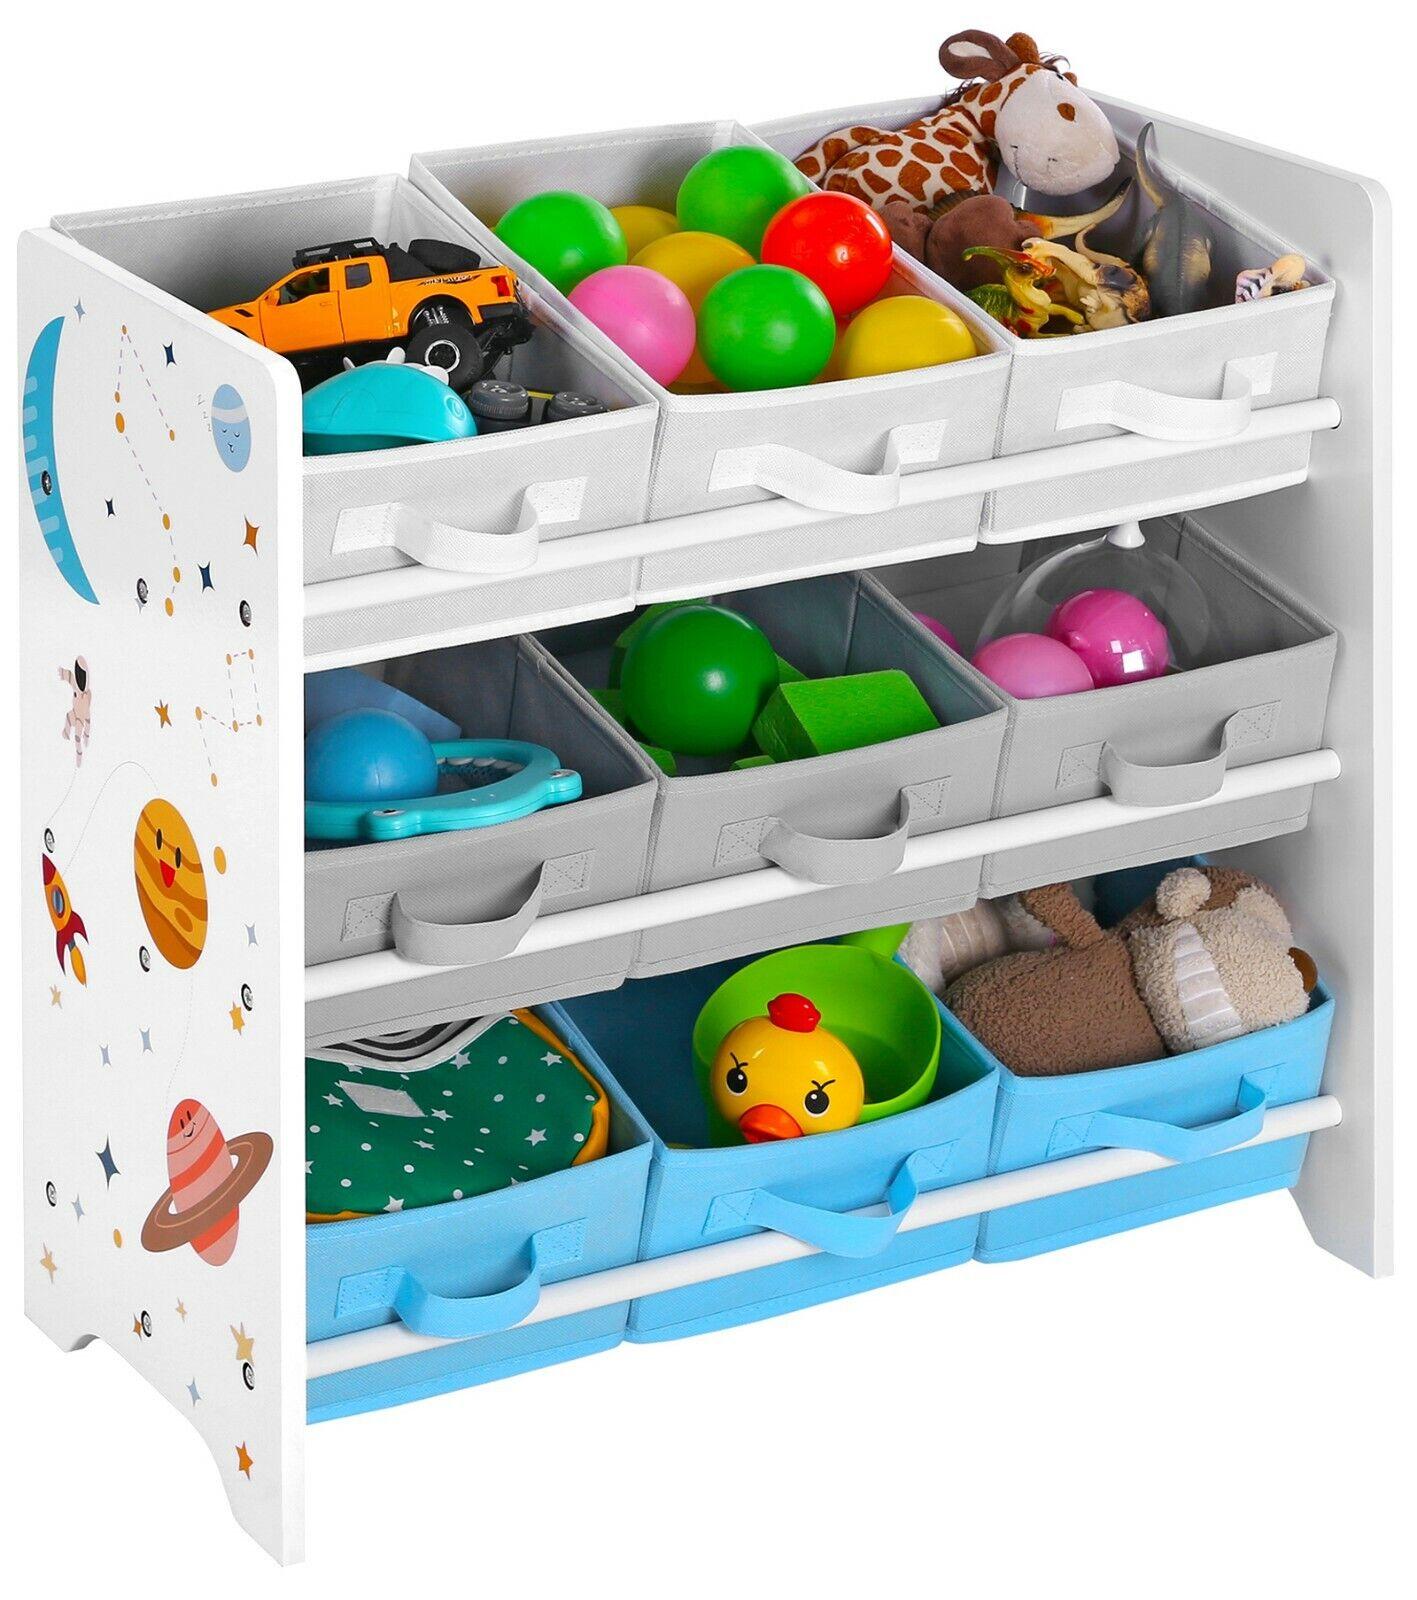 Kinderzimmerregal Bücherregal Spielzeug-Organizer für Kinder 9 Kästen GKR33WT